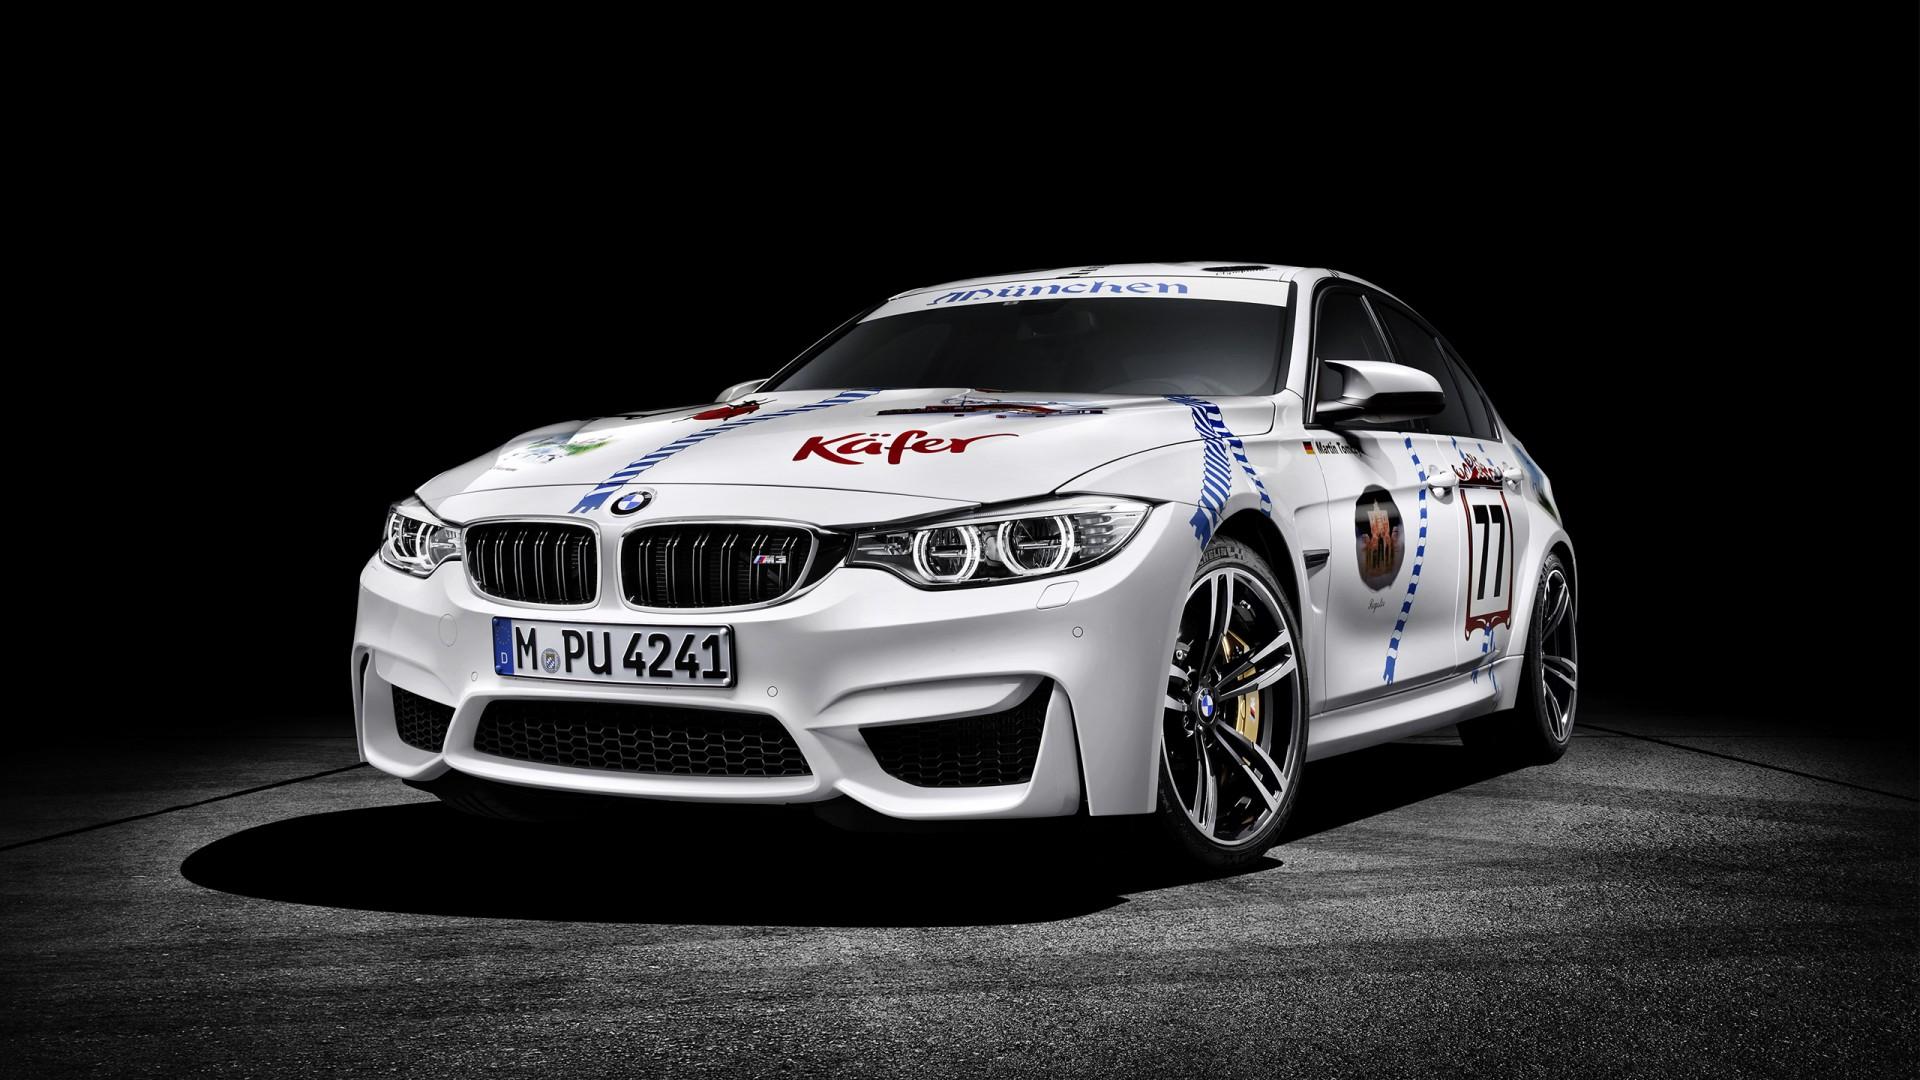 BMW M Series >> 2015 BMW M3 3 Series F80 Wallpaper | HD Car Wallpapers | ID #5794